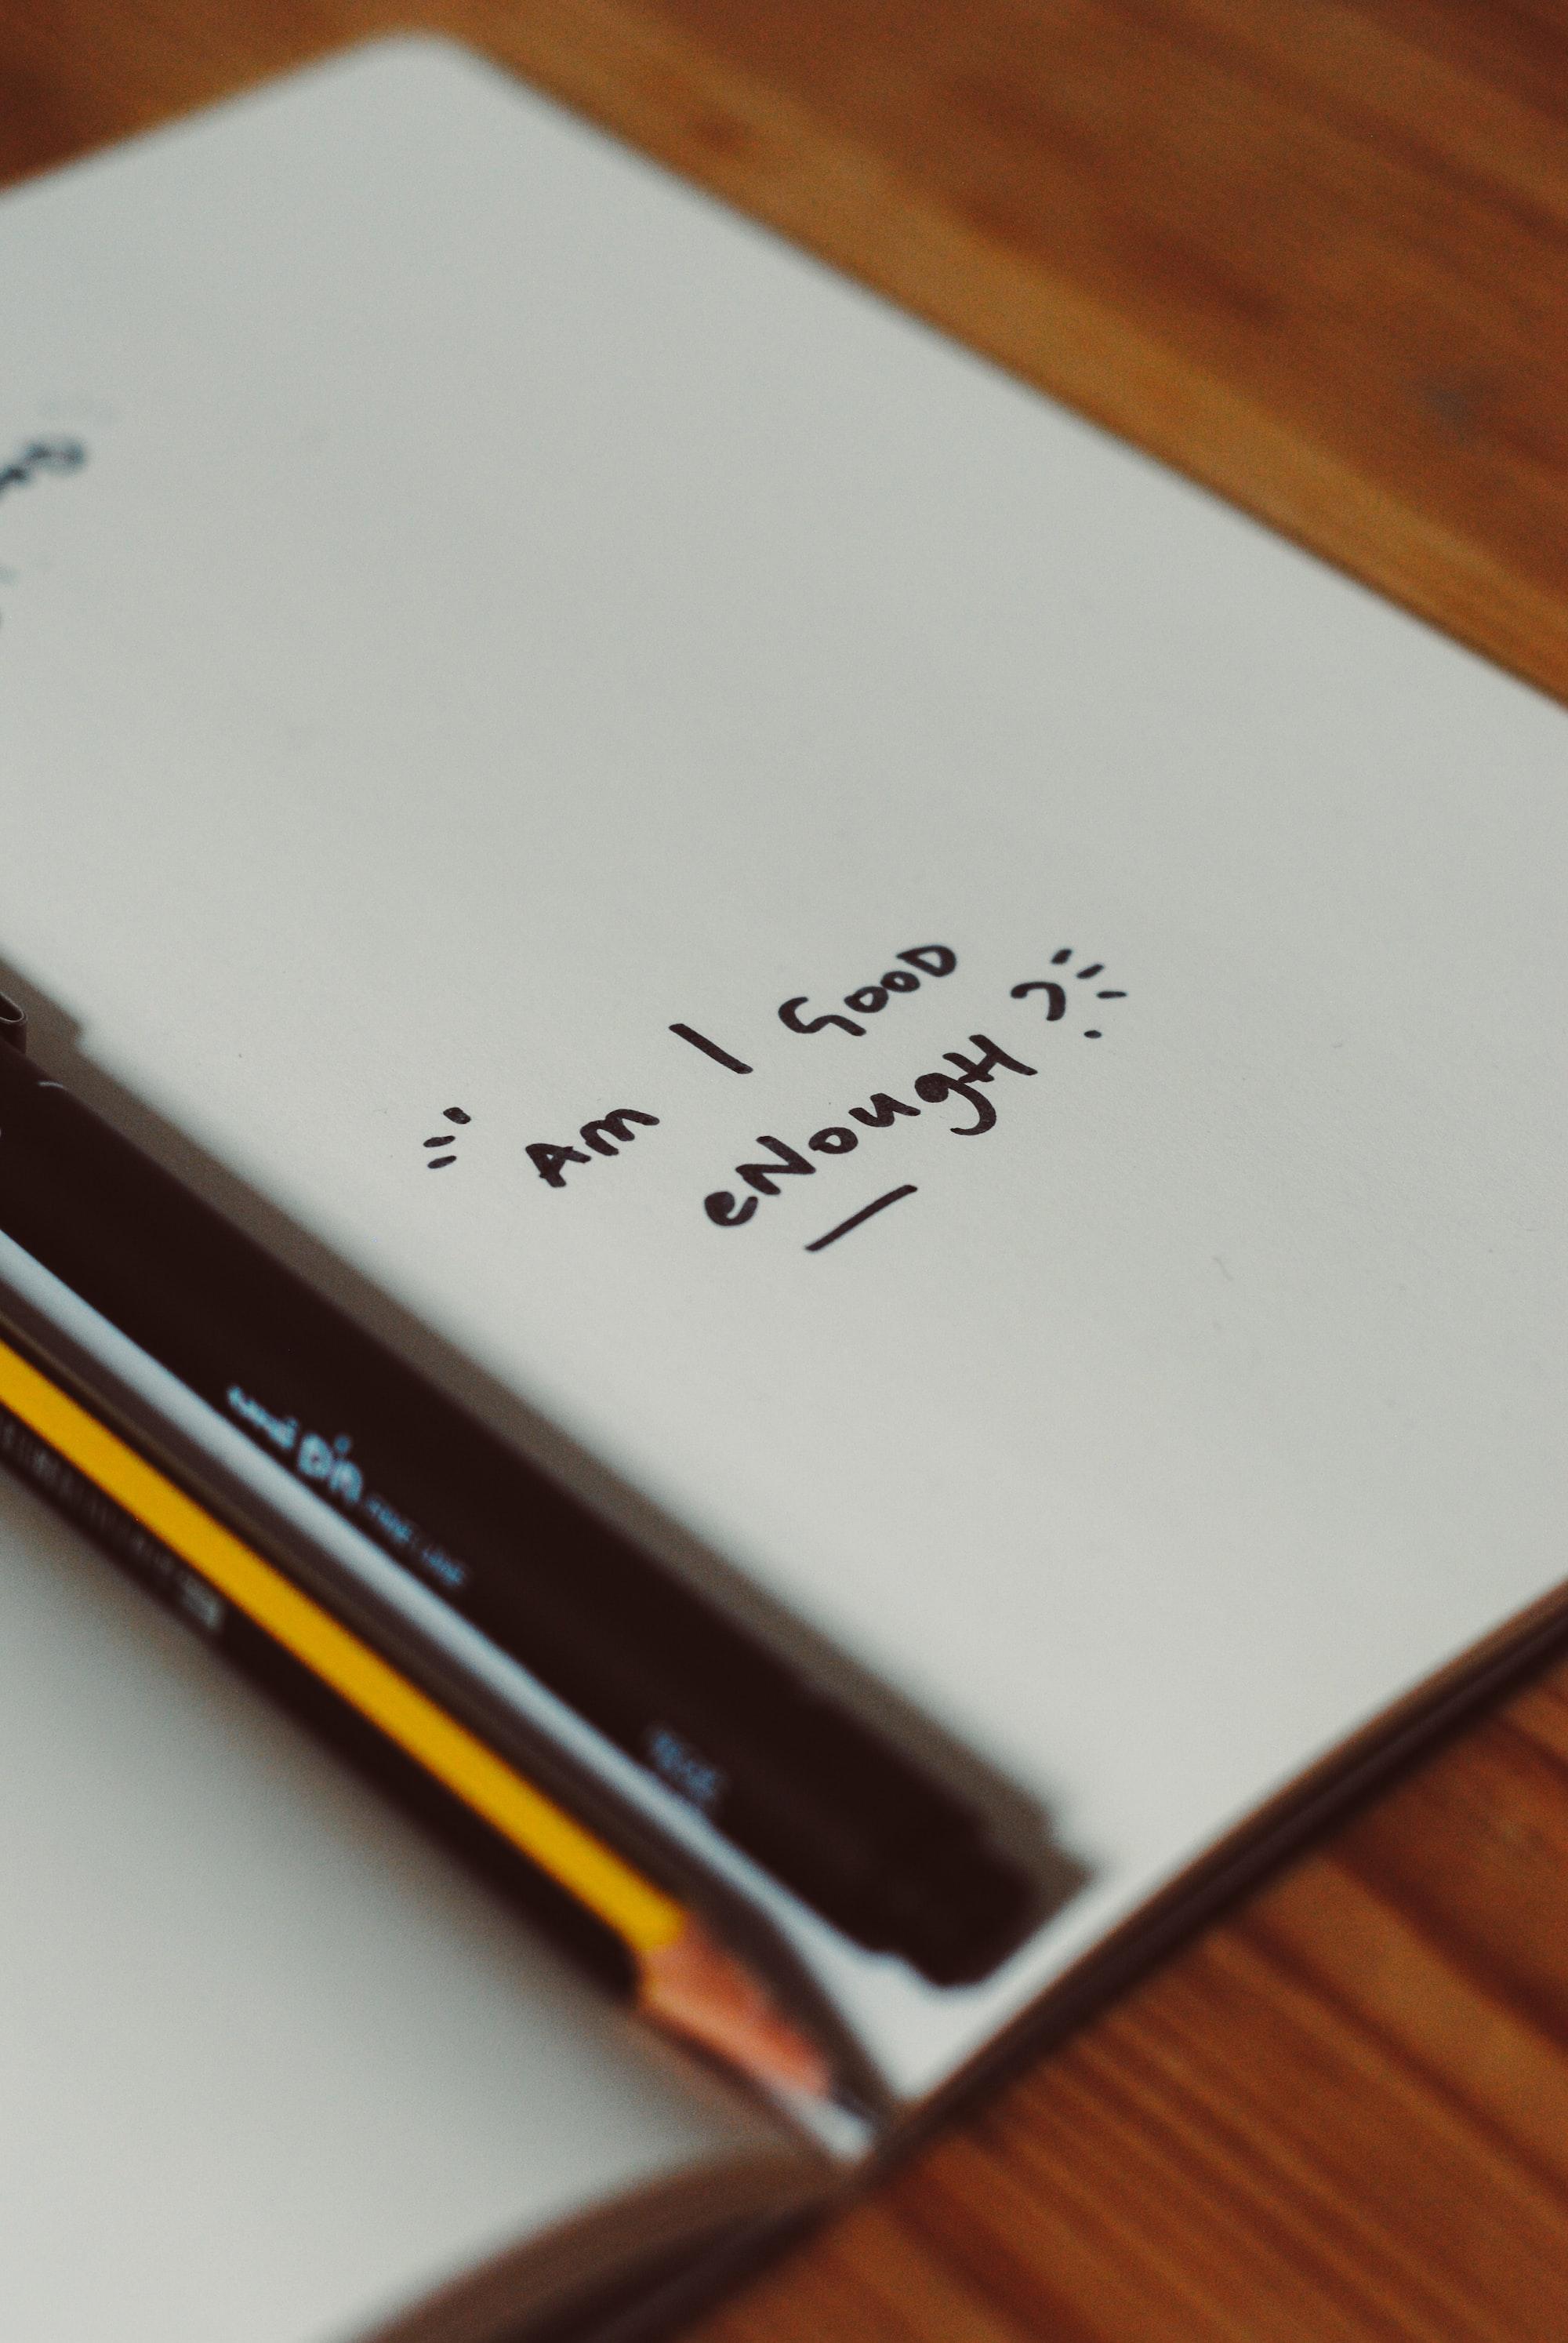 何も書くことが浮かばなかったら(フリーライティング)